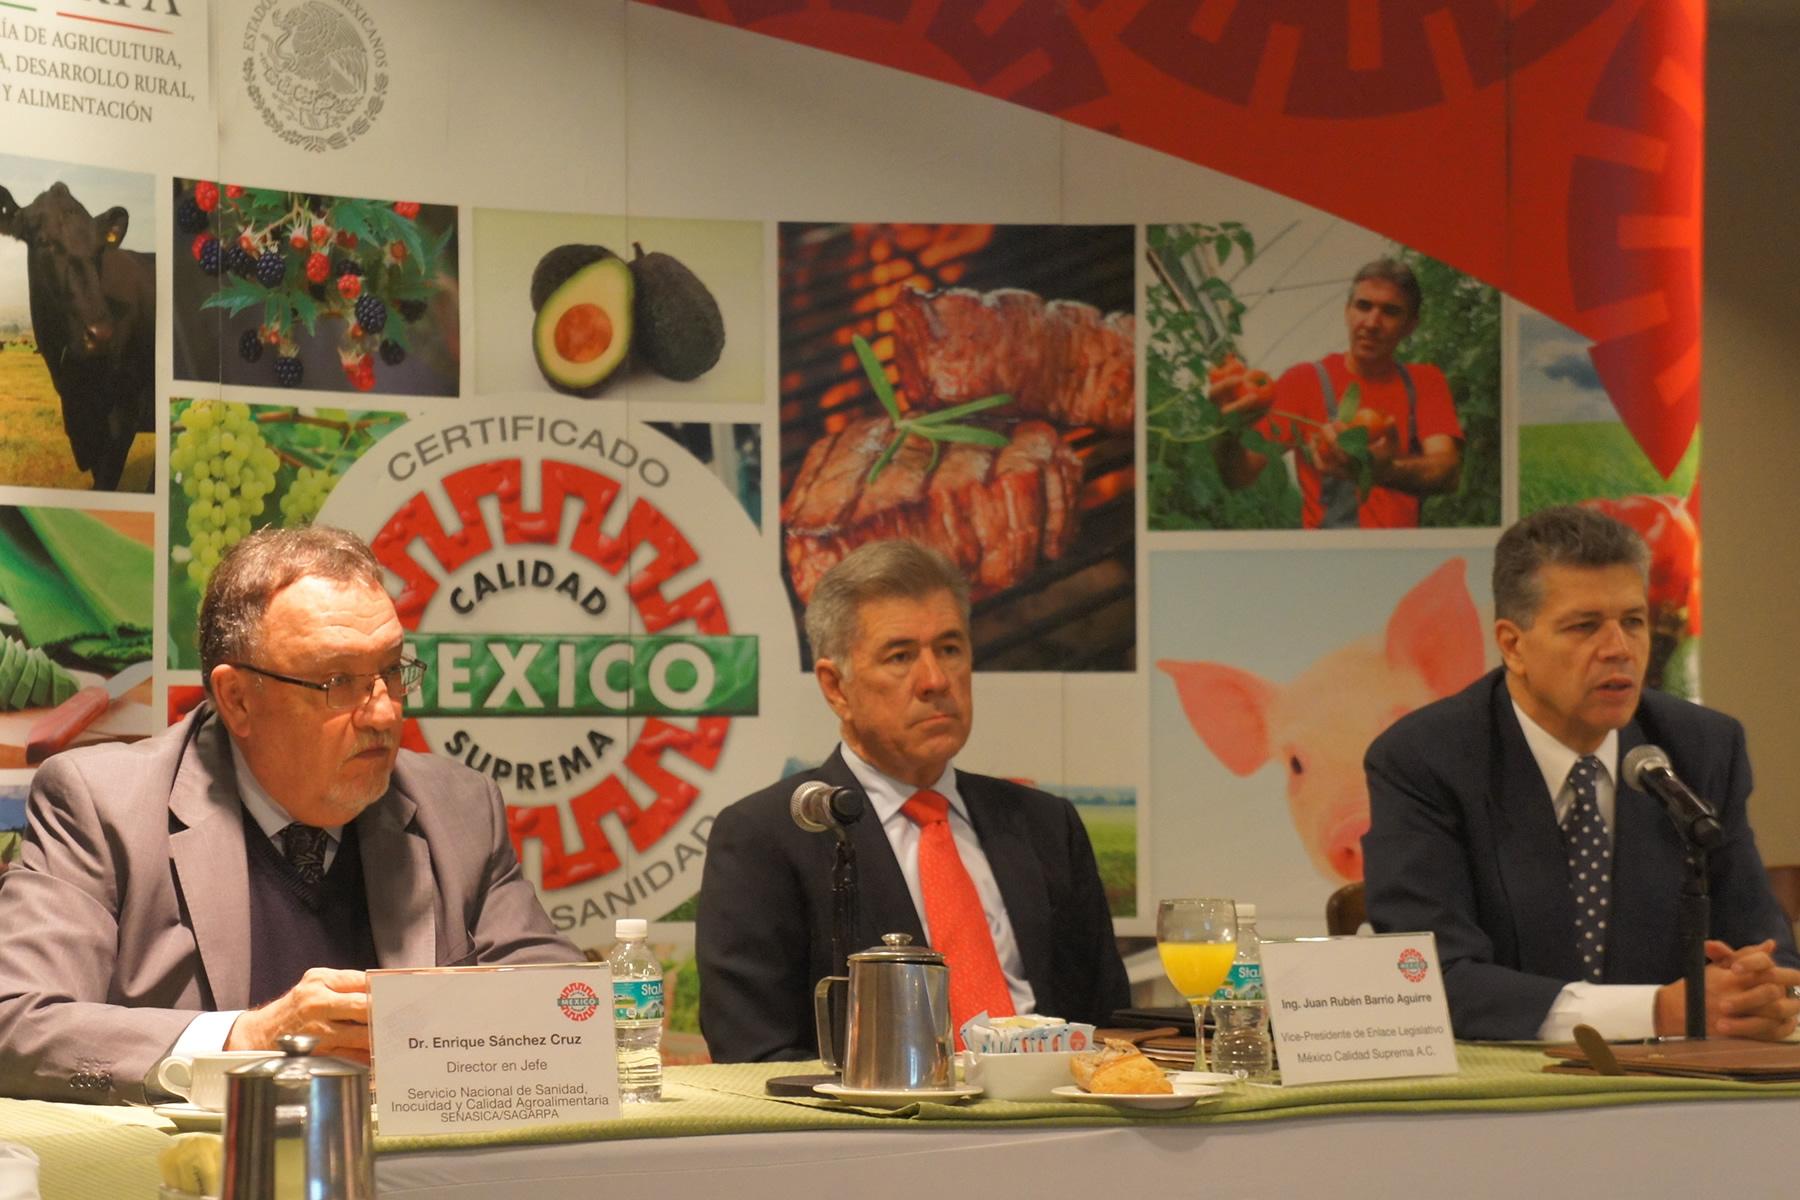 México puede exportar porque es libre de las principales enfermedades que impiden la comercialización de productos agroalimentarios.